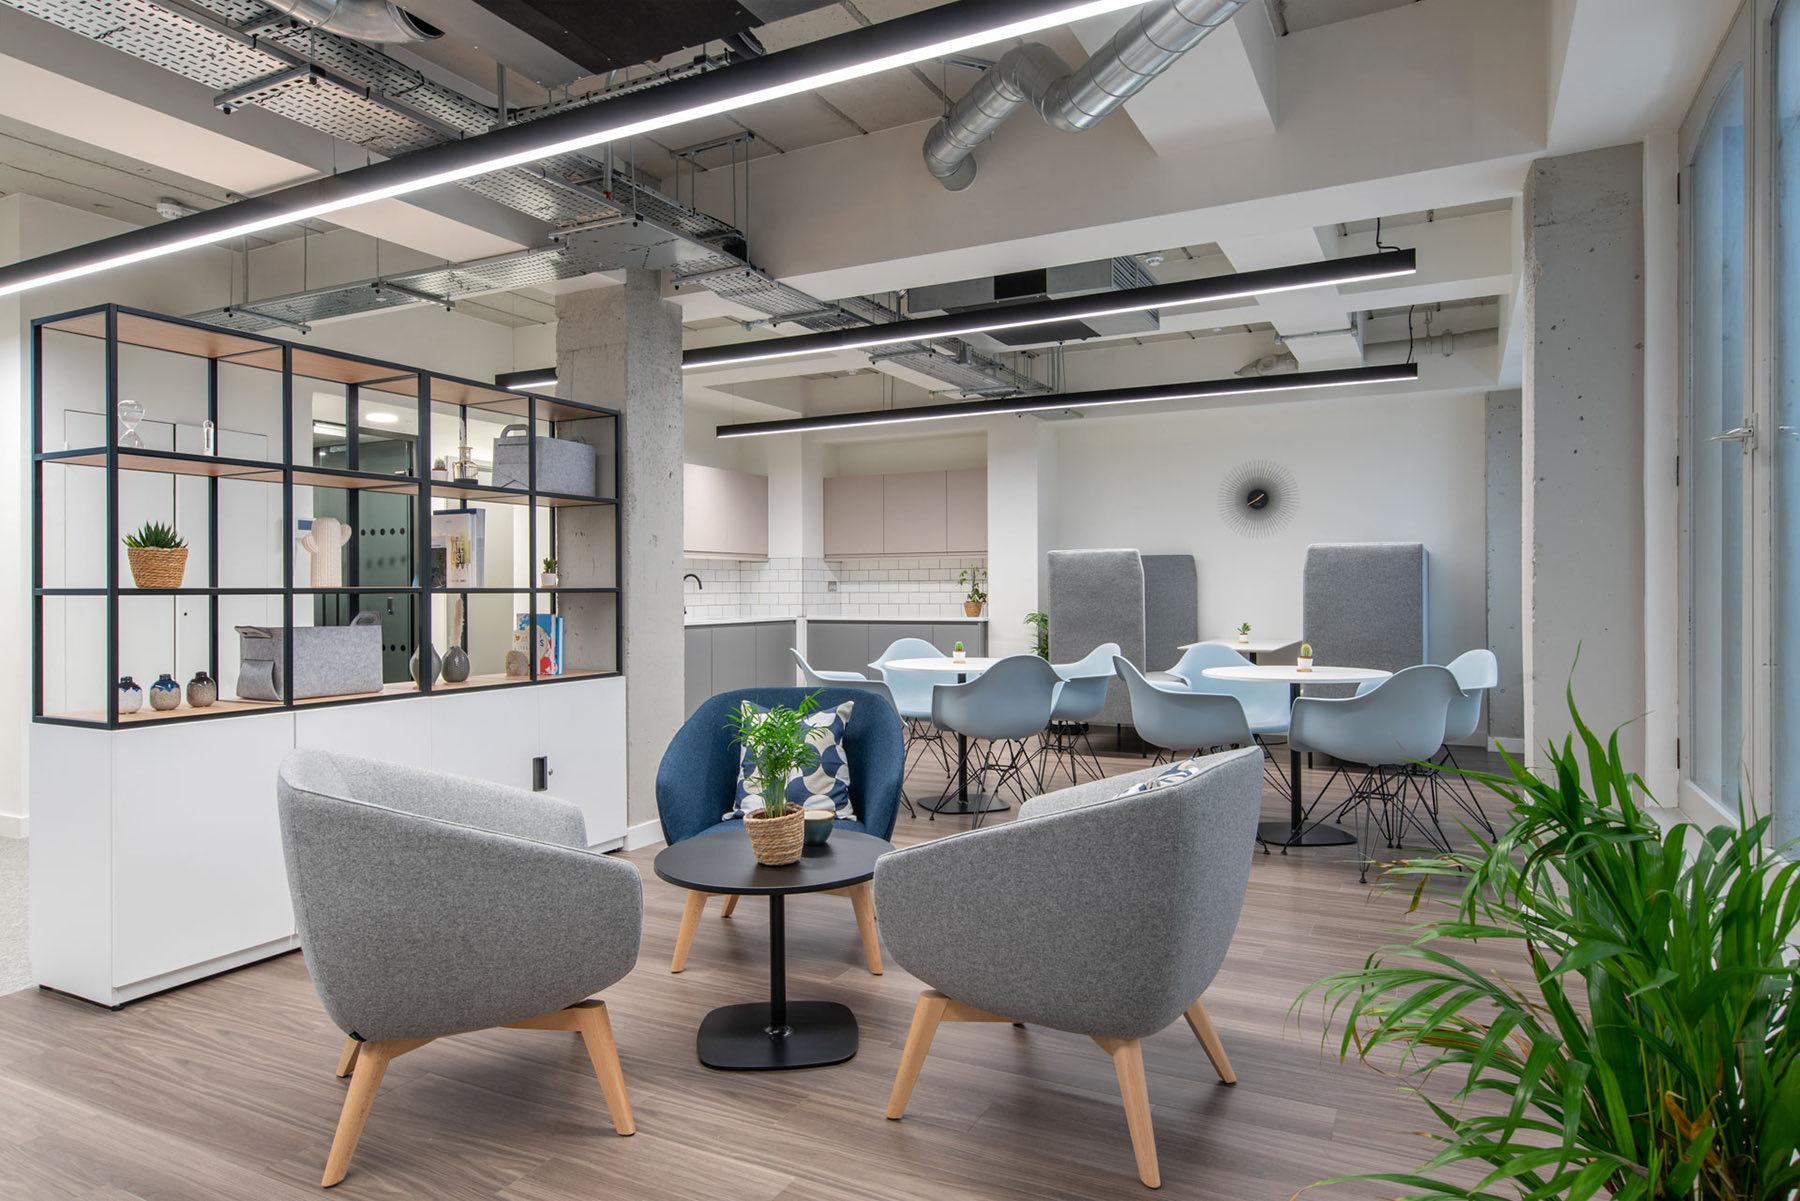 wss-london-office-2